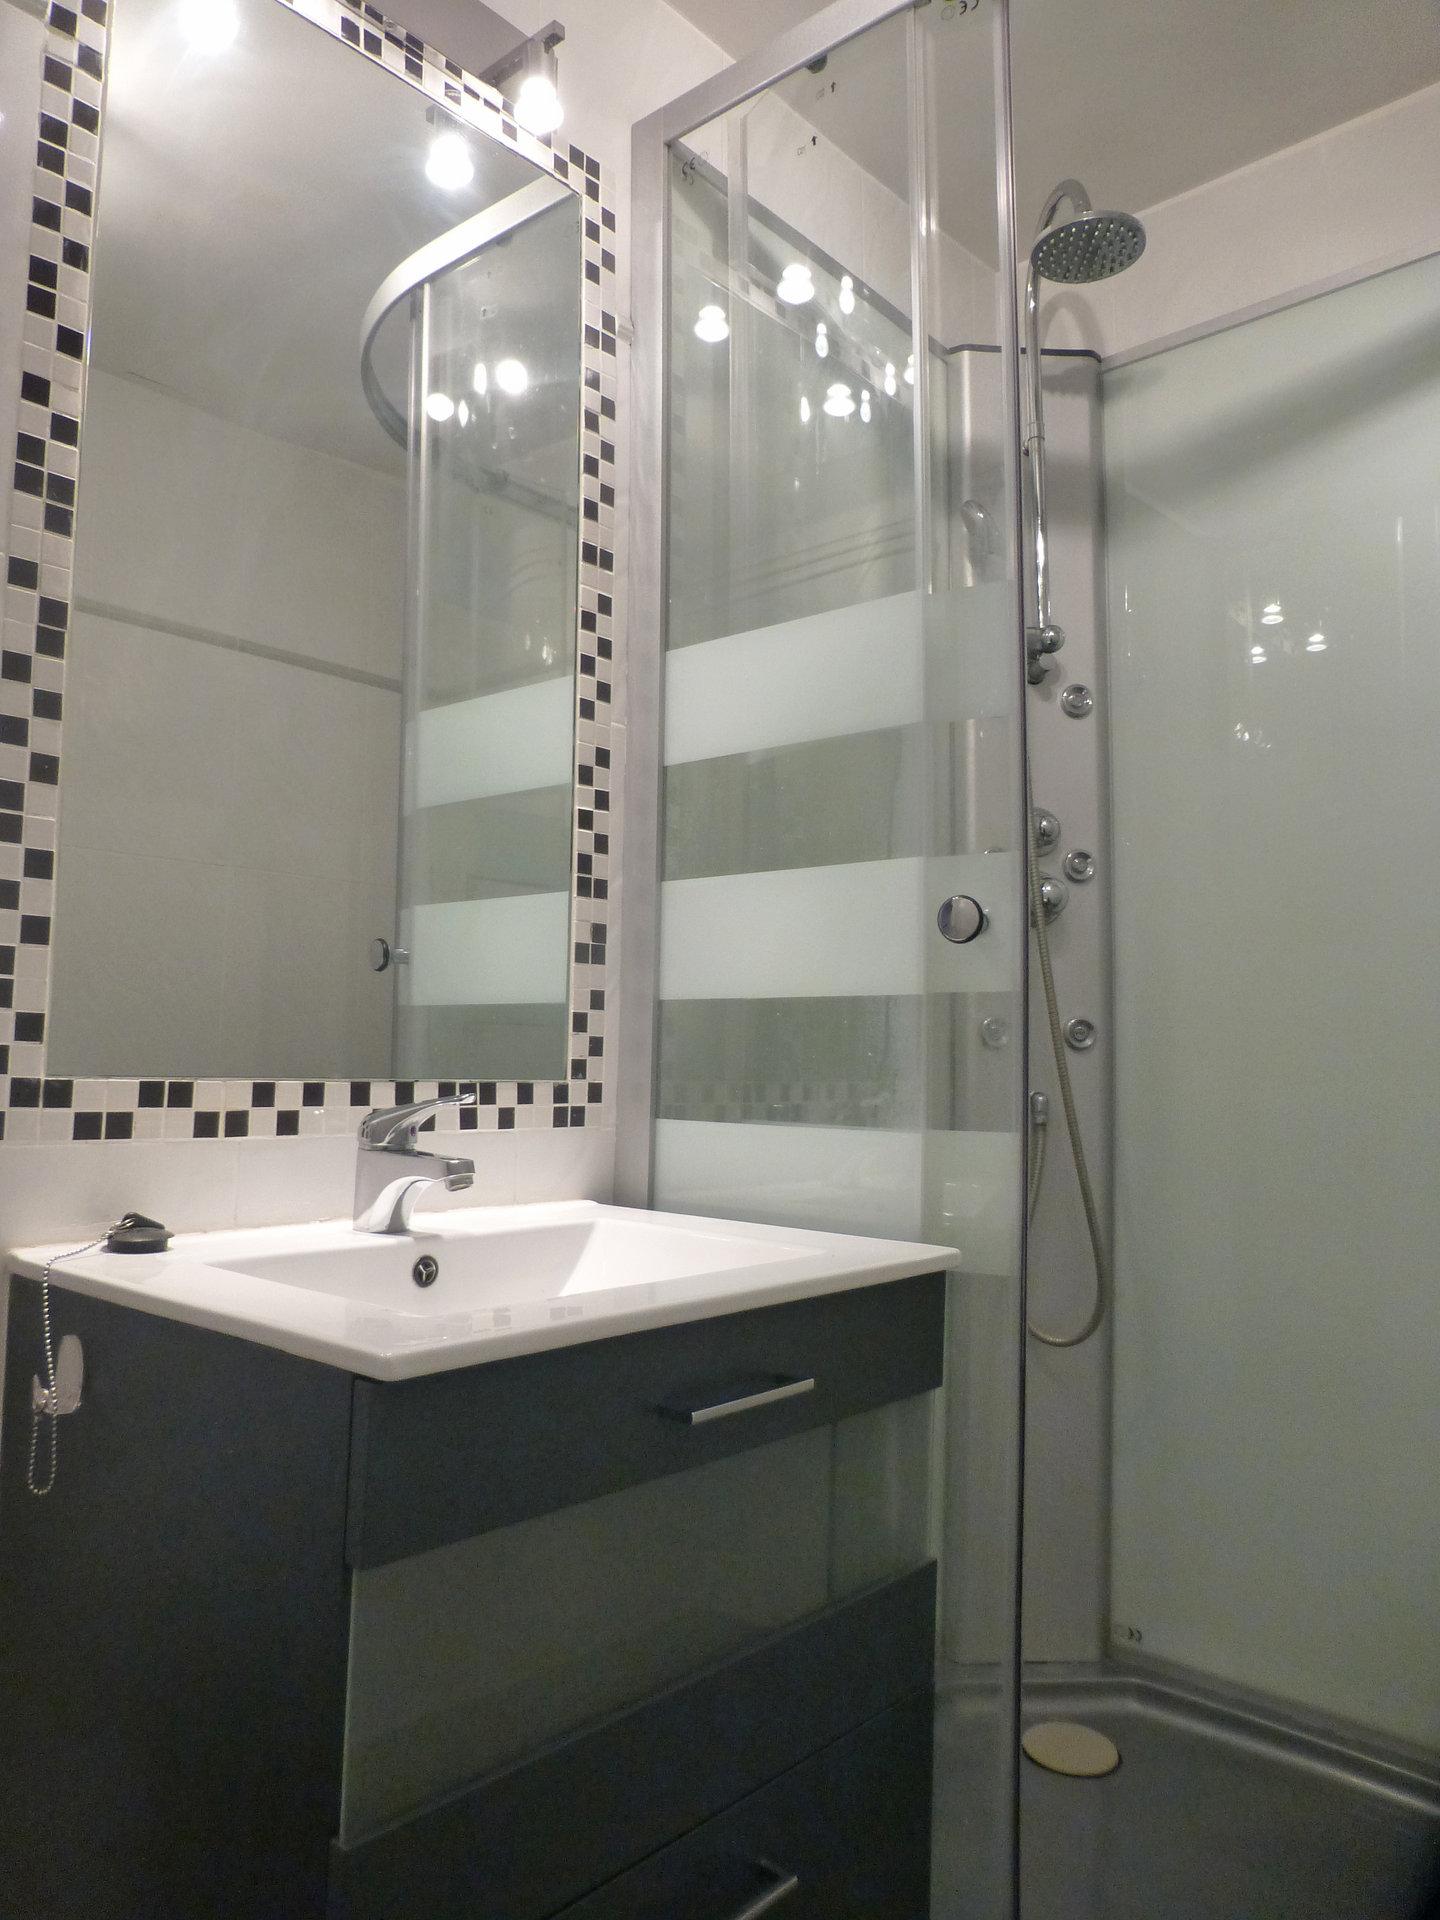 Appartement 3 pièces 51.71 m² 75007 Paris